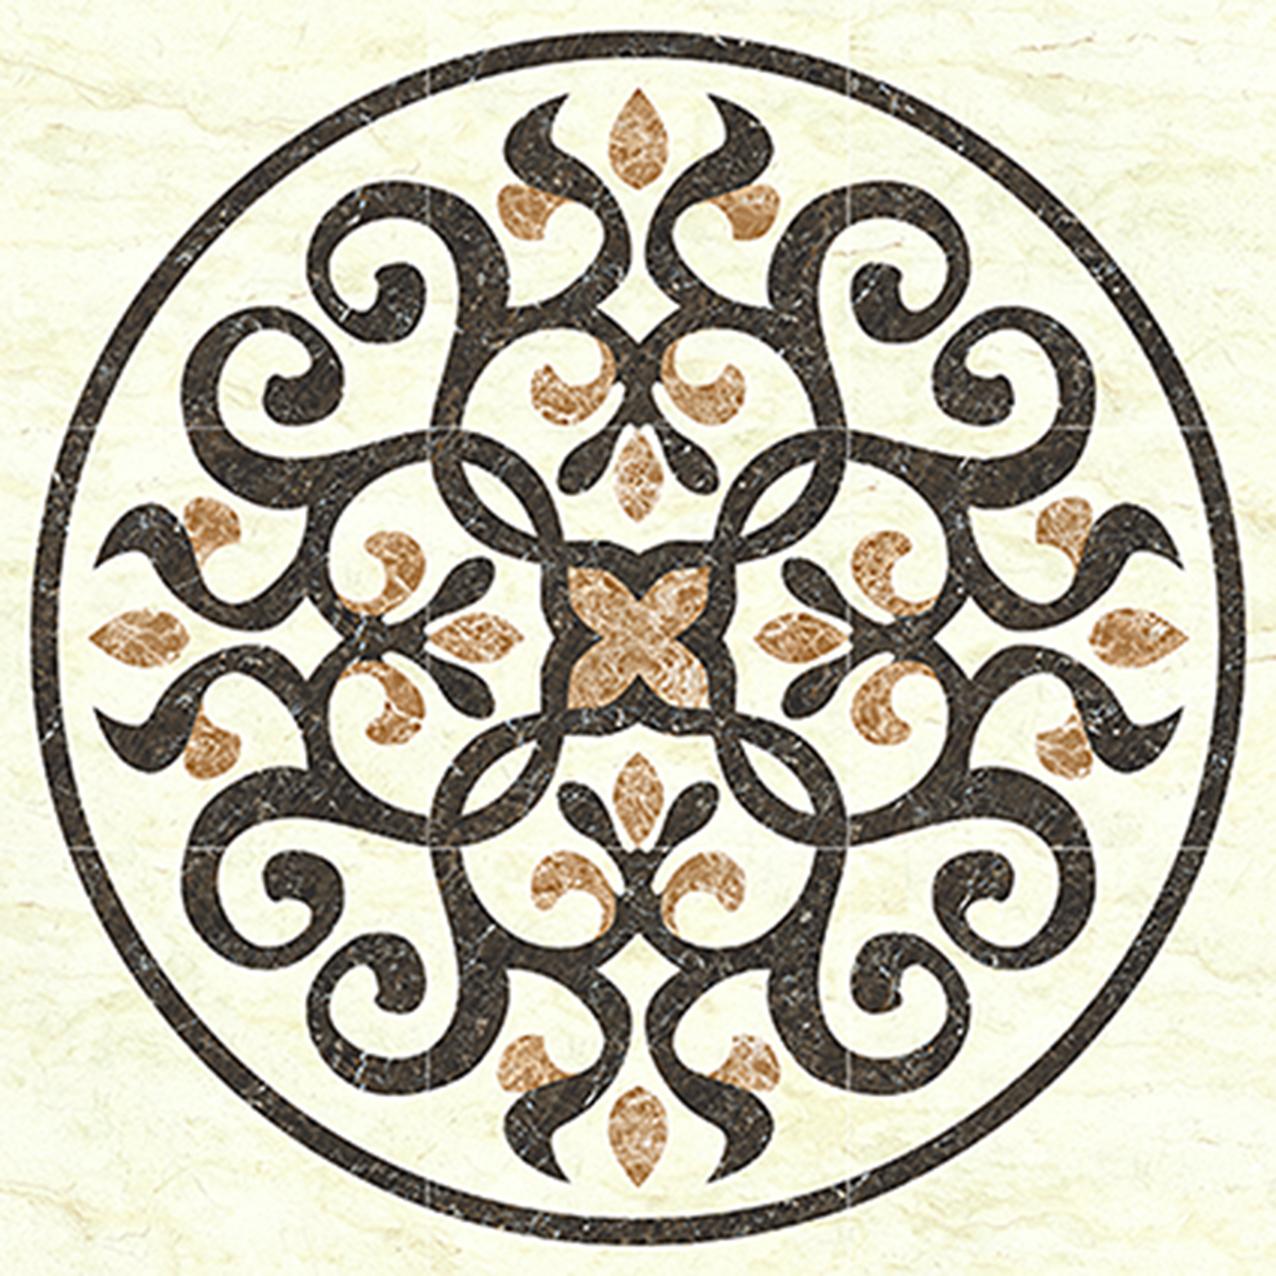 多片拼花 gw8901 珠江瓷砖 磁砖高清图片